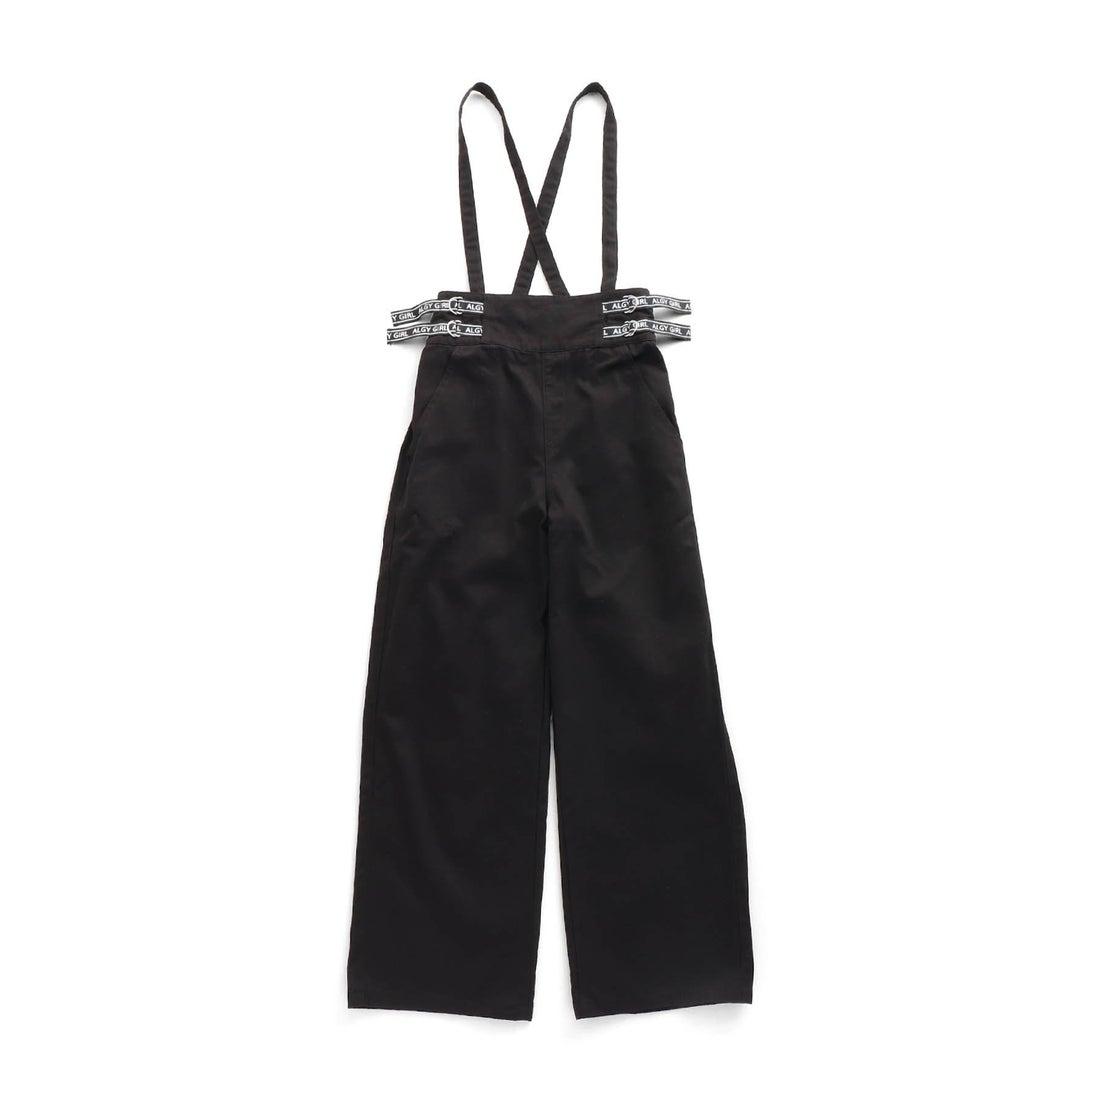 ロコンド 靴とファッションの通販サイトアルジー ALGY サス付きロゴベルトワイドパンツ (ブラック)